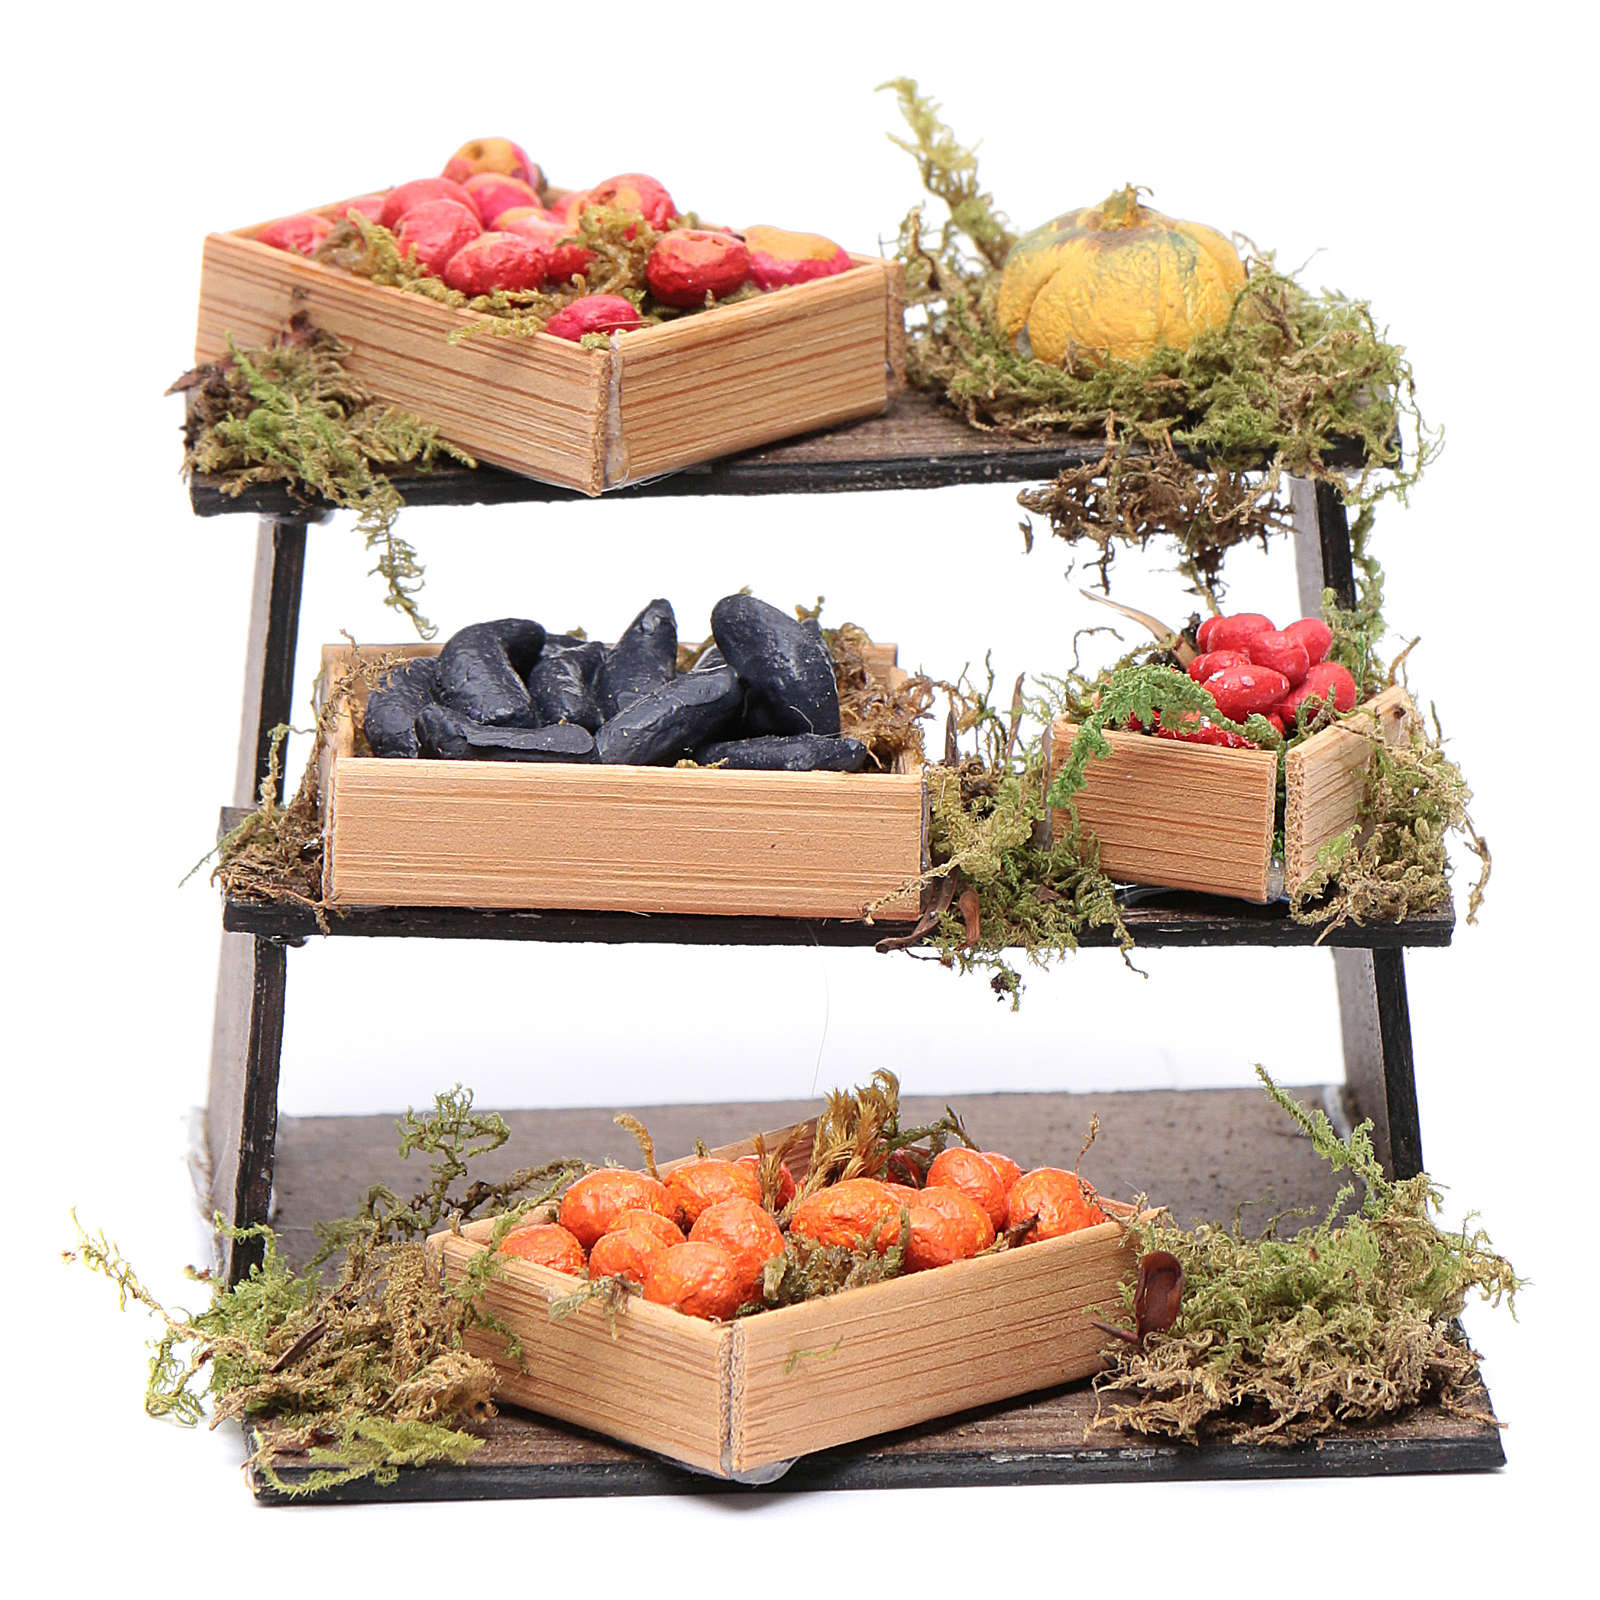 u00c9tag u00e8re de fruits et l u00e9gumes bricolage cr u00e8che